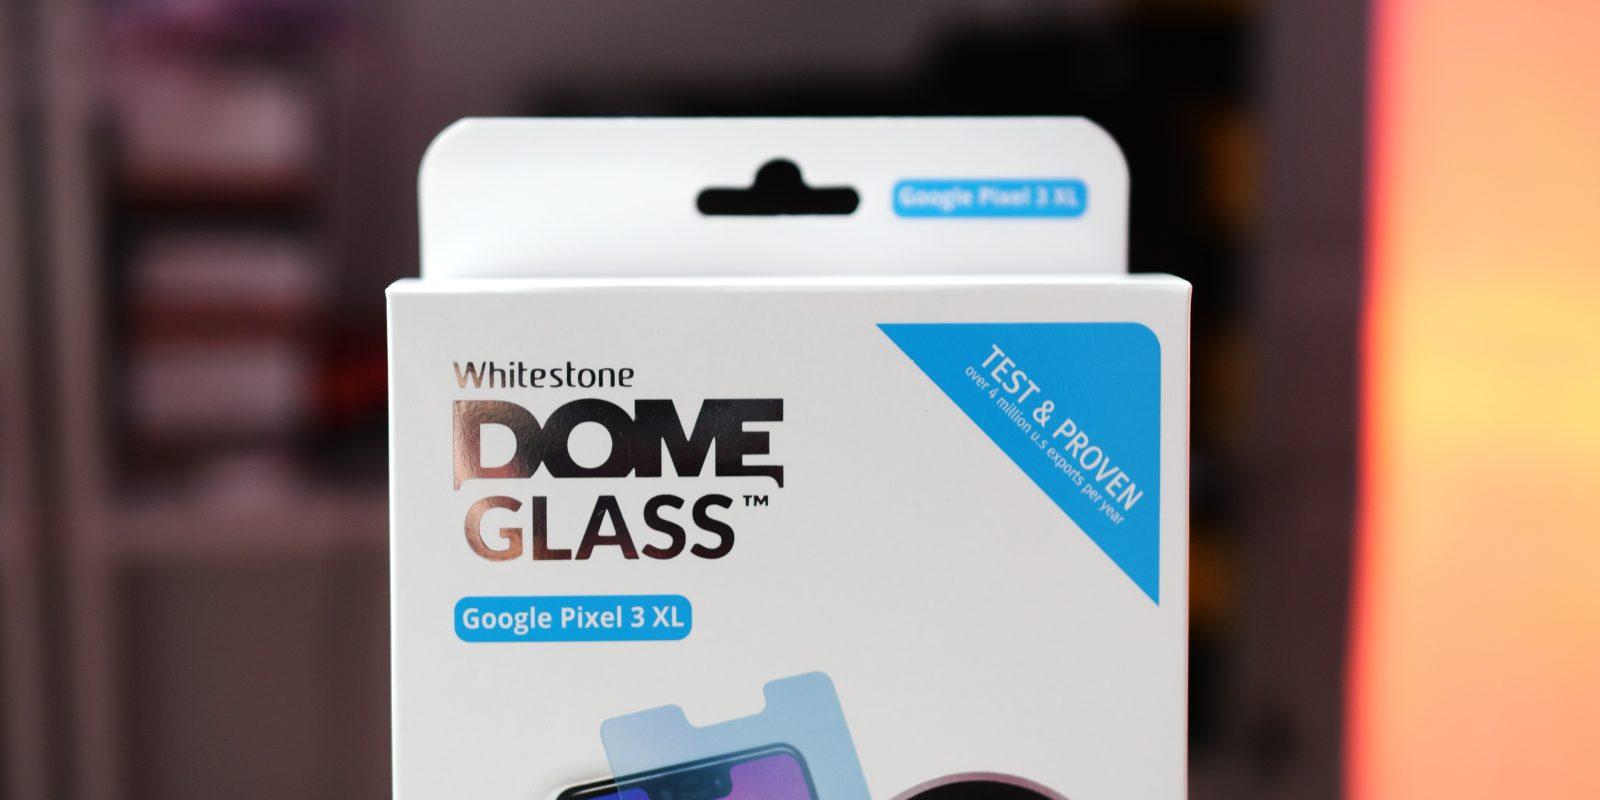 Whitestone Dome Glass include un rivestimento oleorepellente che molte opzioni più economiche semplicemente non includono. Ciò significa una superficie di vetro meravigliosamente liscia al tatto